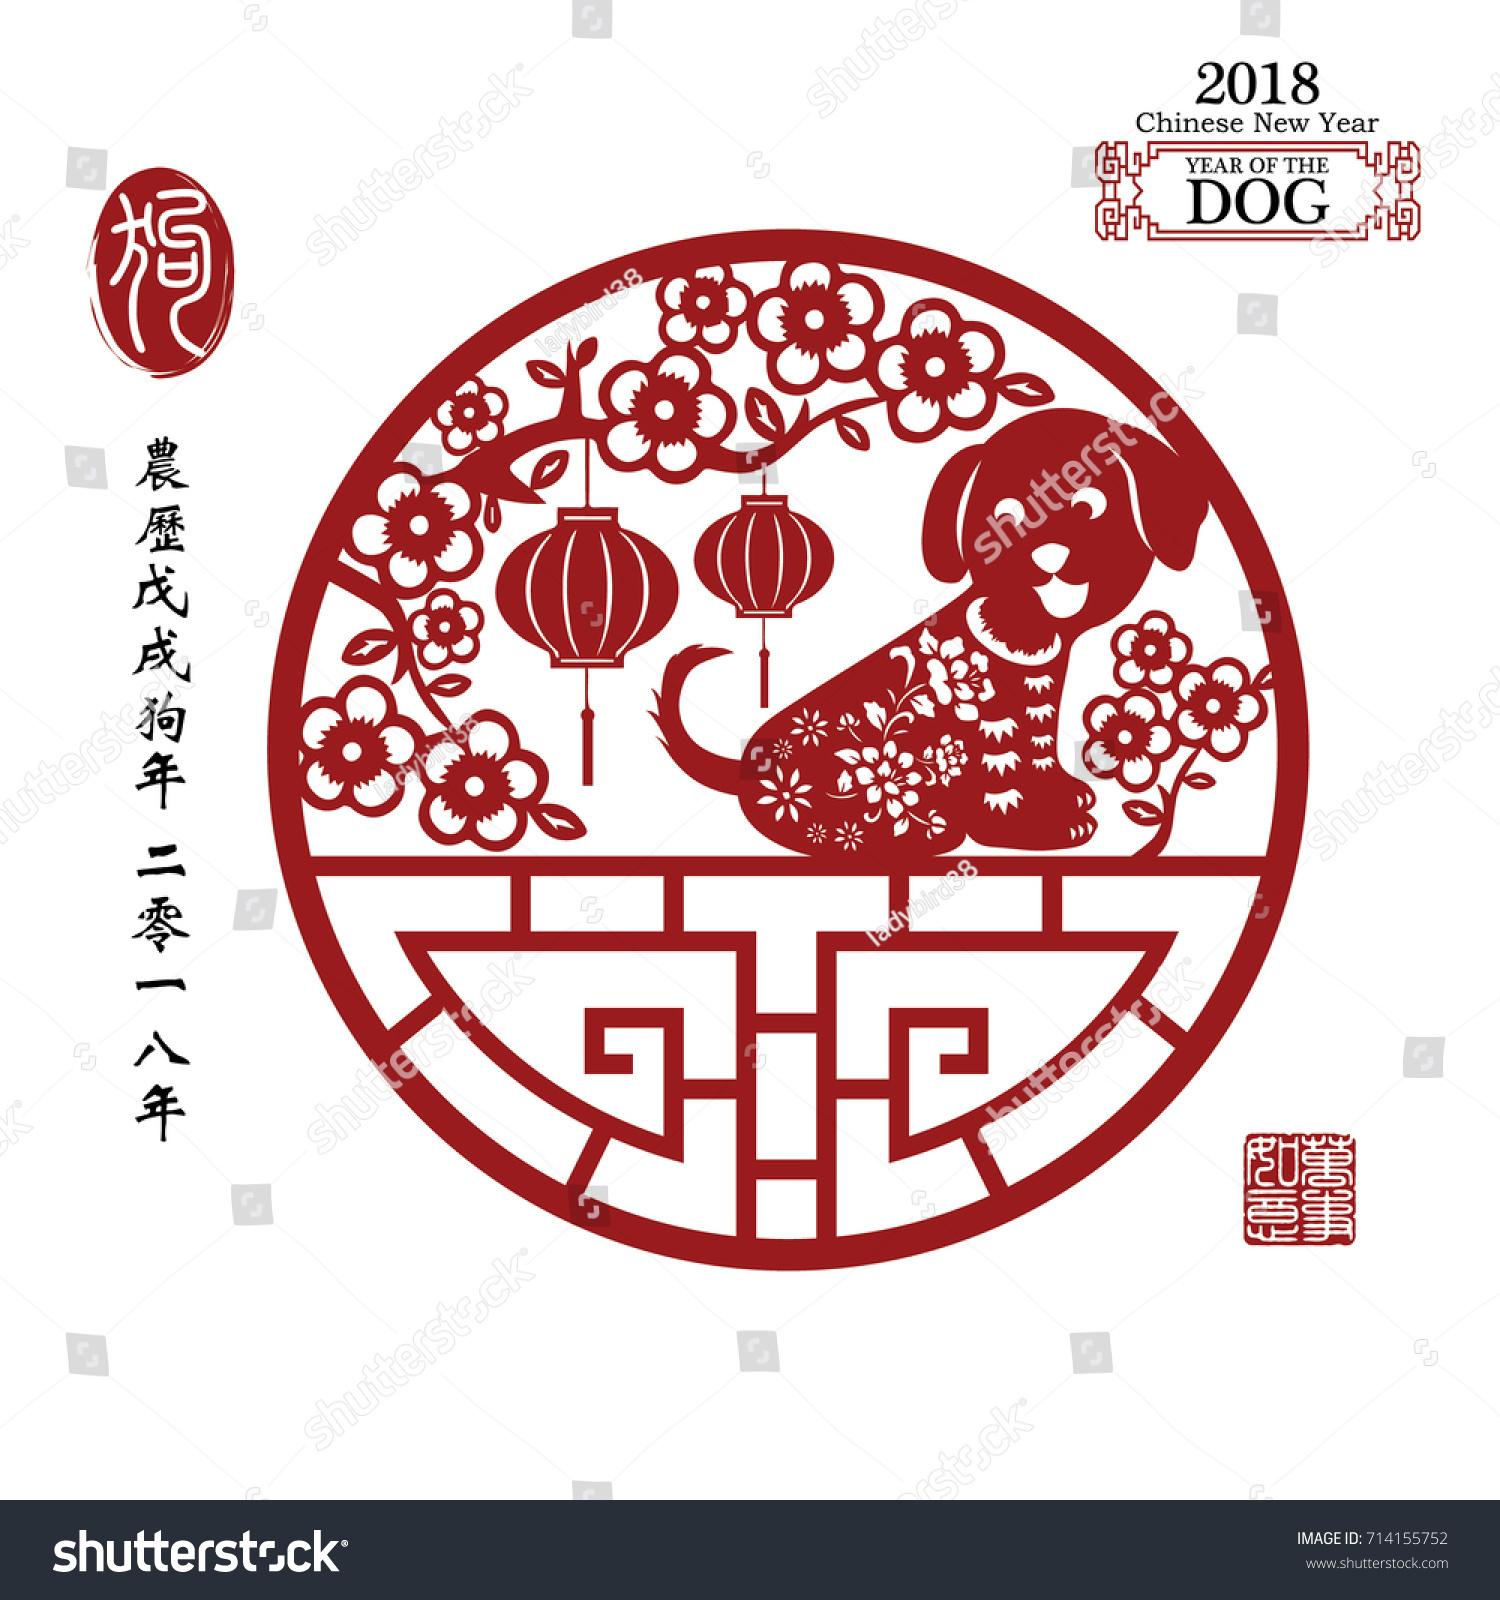 Dog year chinese zodiac symbol paper stock vector 714155752 dog year chinese zodiac symbol with paper cut art chinese translationwords in black buycottarizona Images